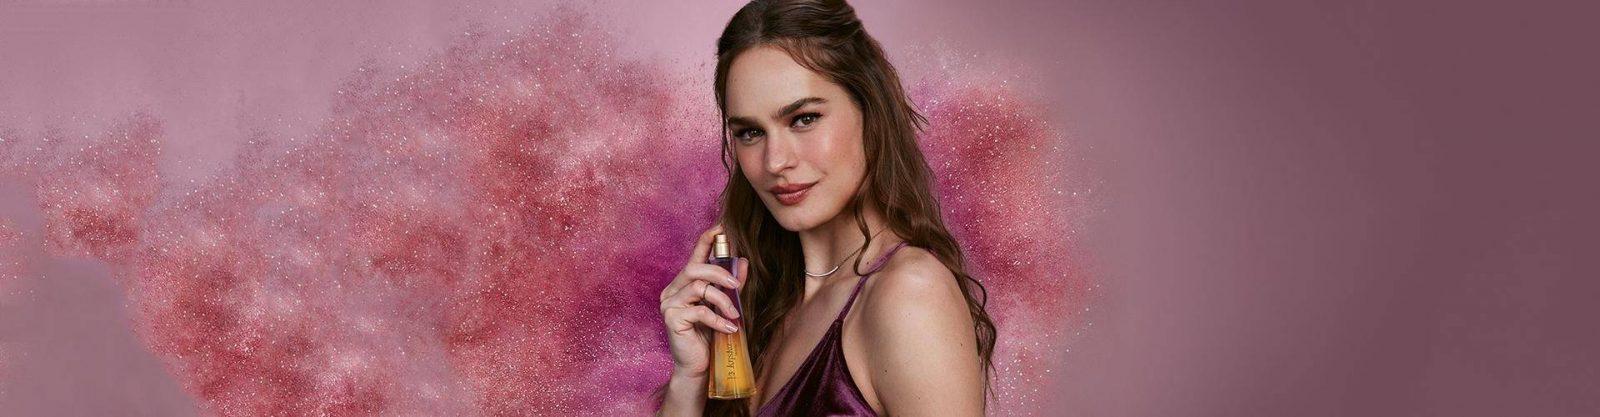 Kriska mania a nova fragrância feminina viciante da Natura